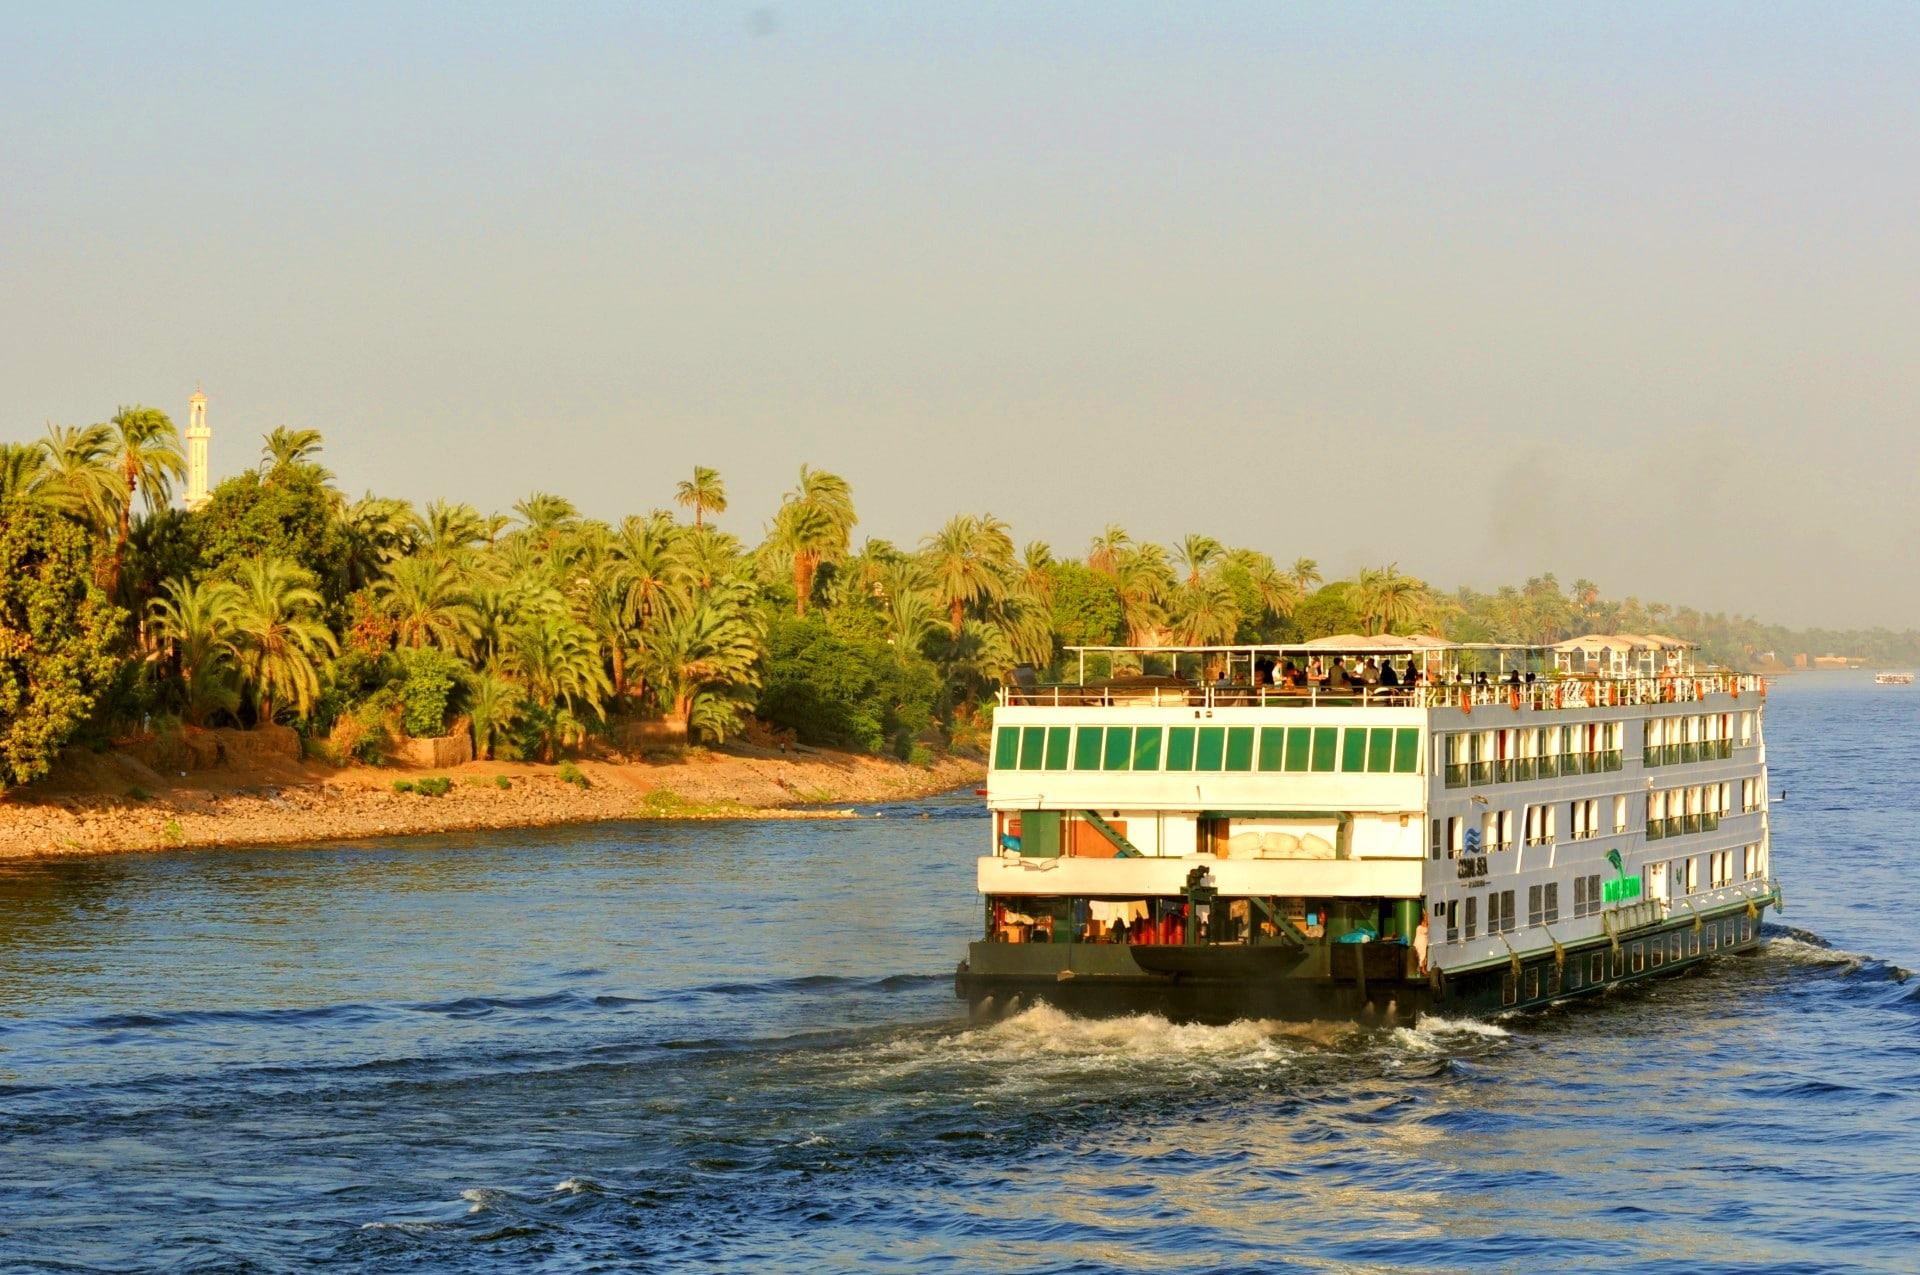 Croisière de luxe sur le Nil en Egypte I Dany et Jean Jacques Janvier 2010